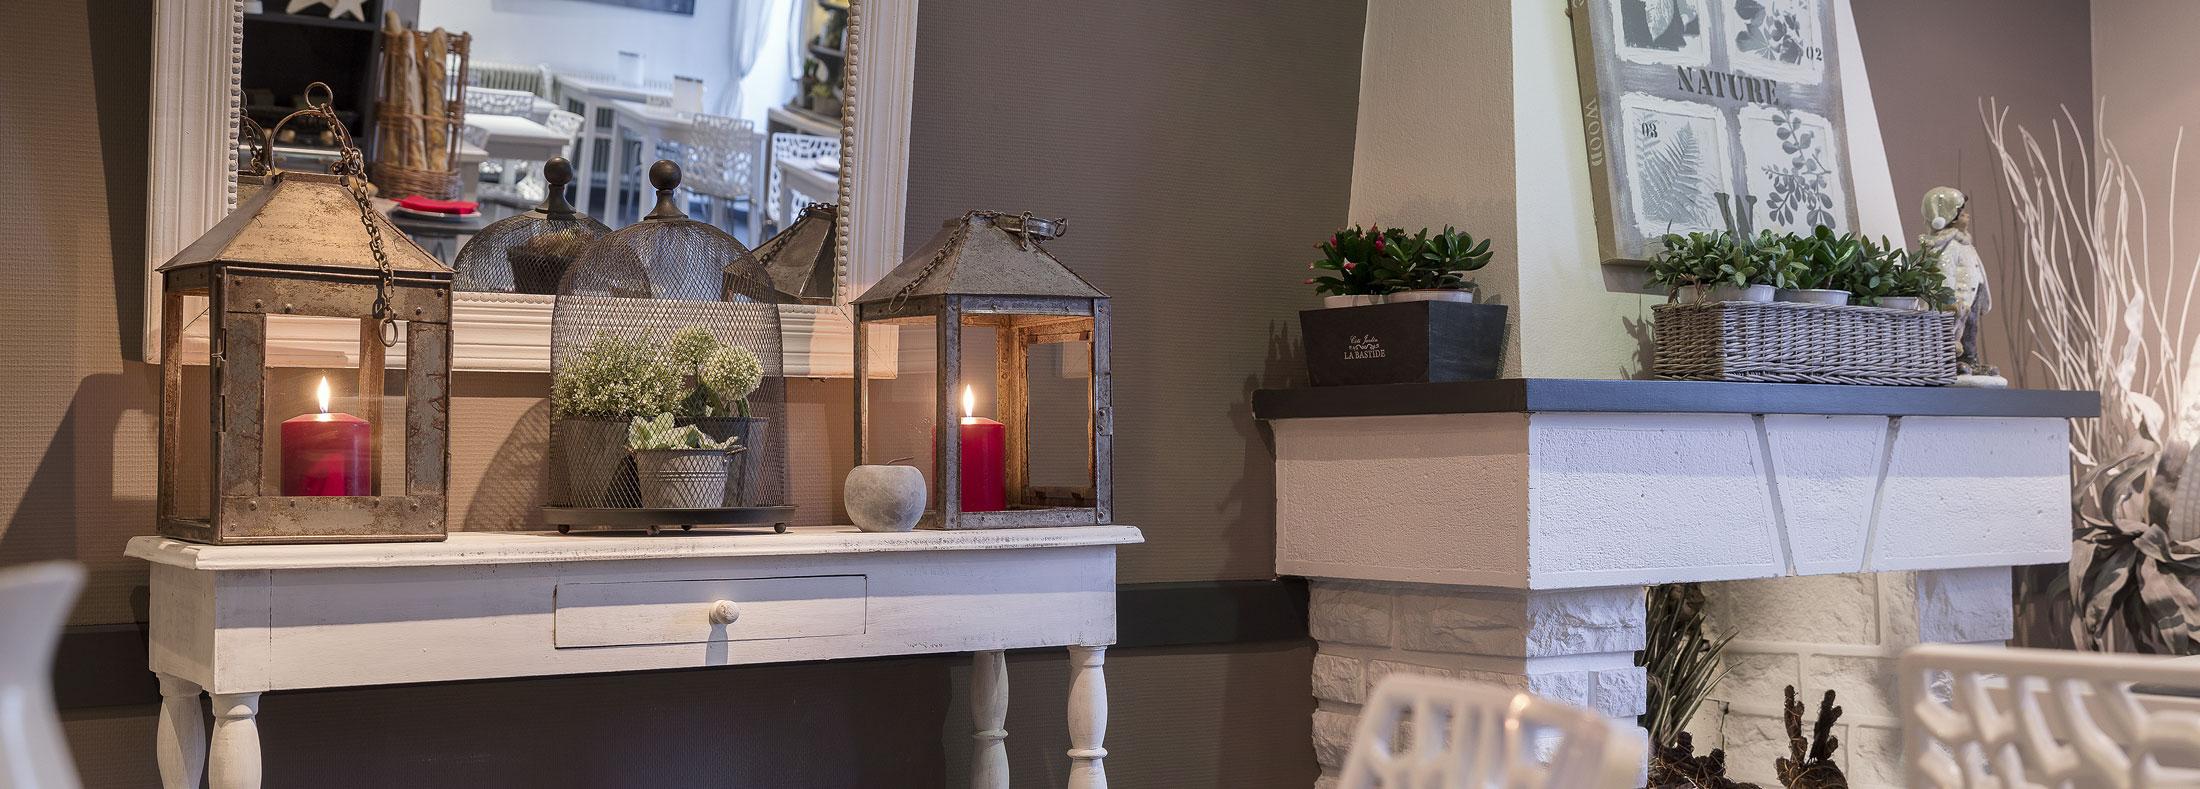 Séjour romantique à Annecy dans notre hôtel de charme